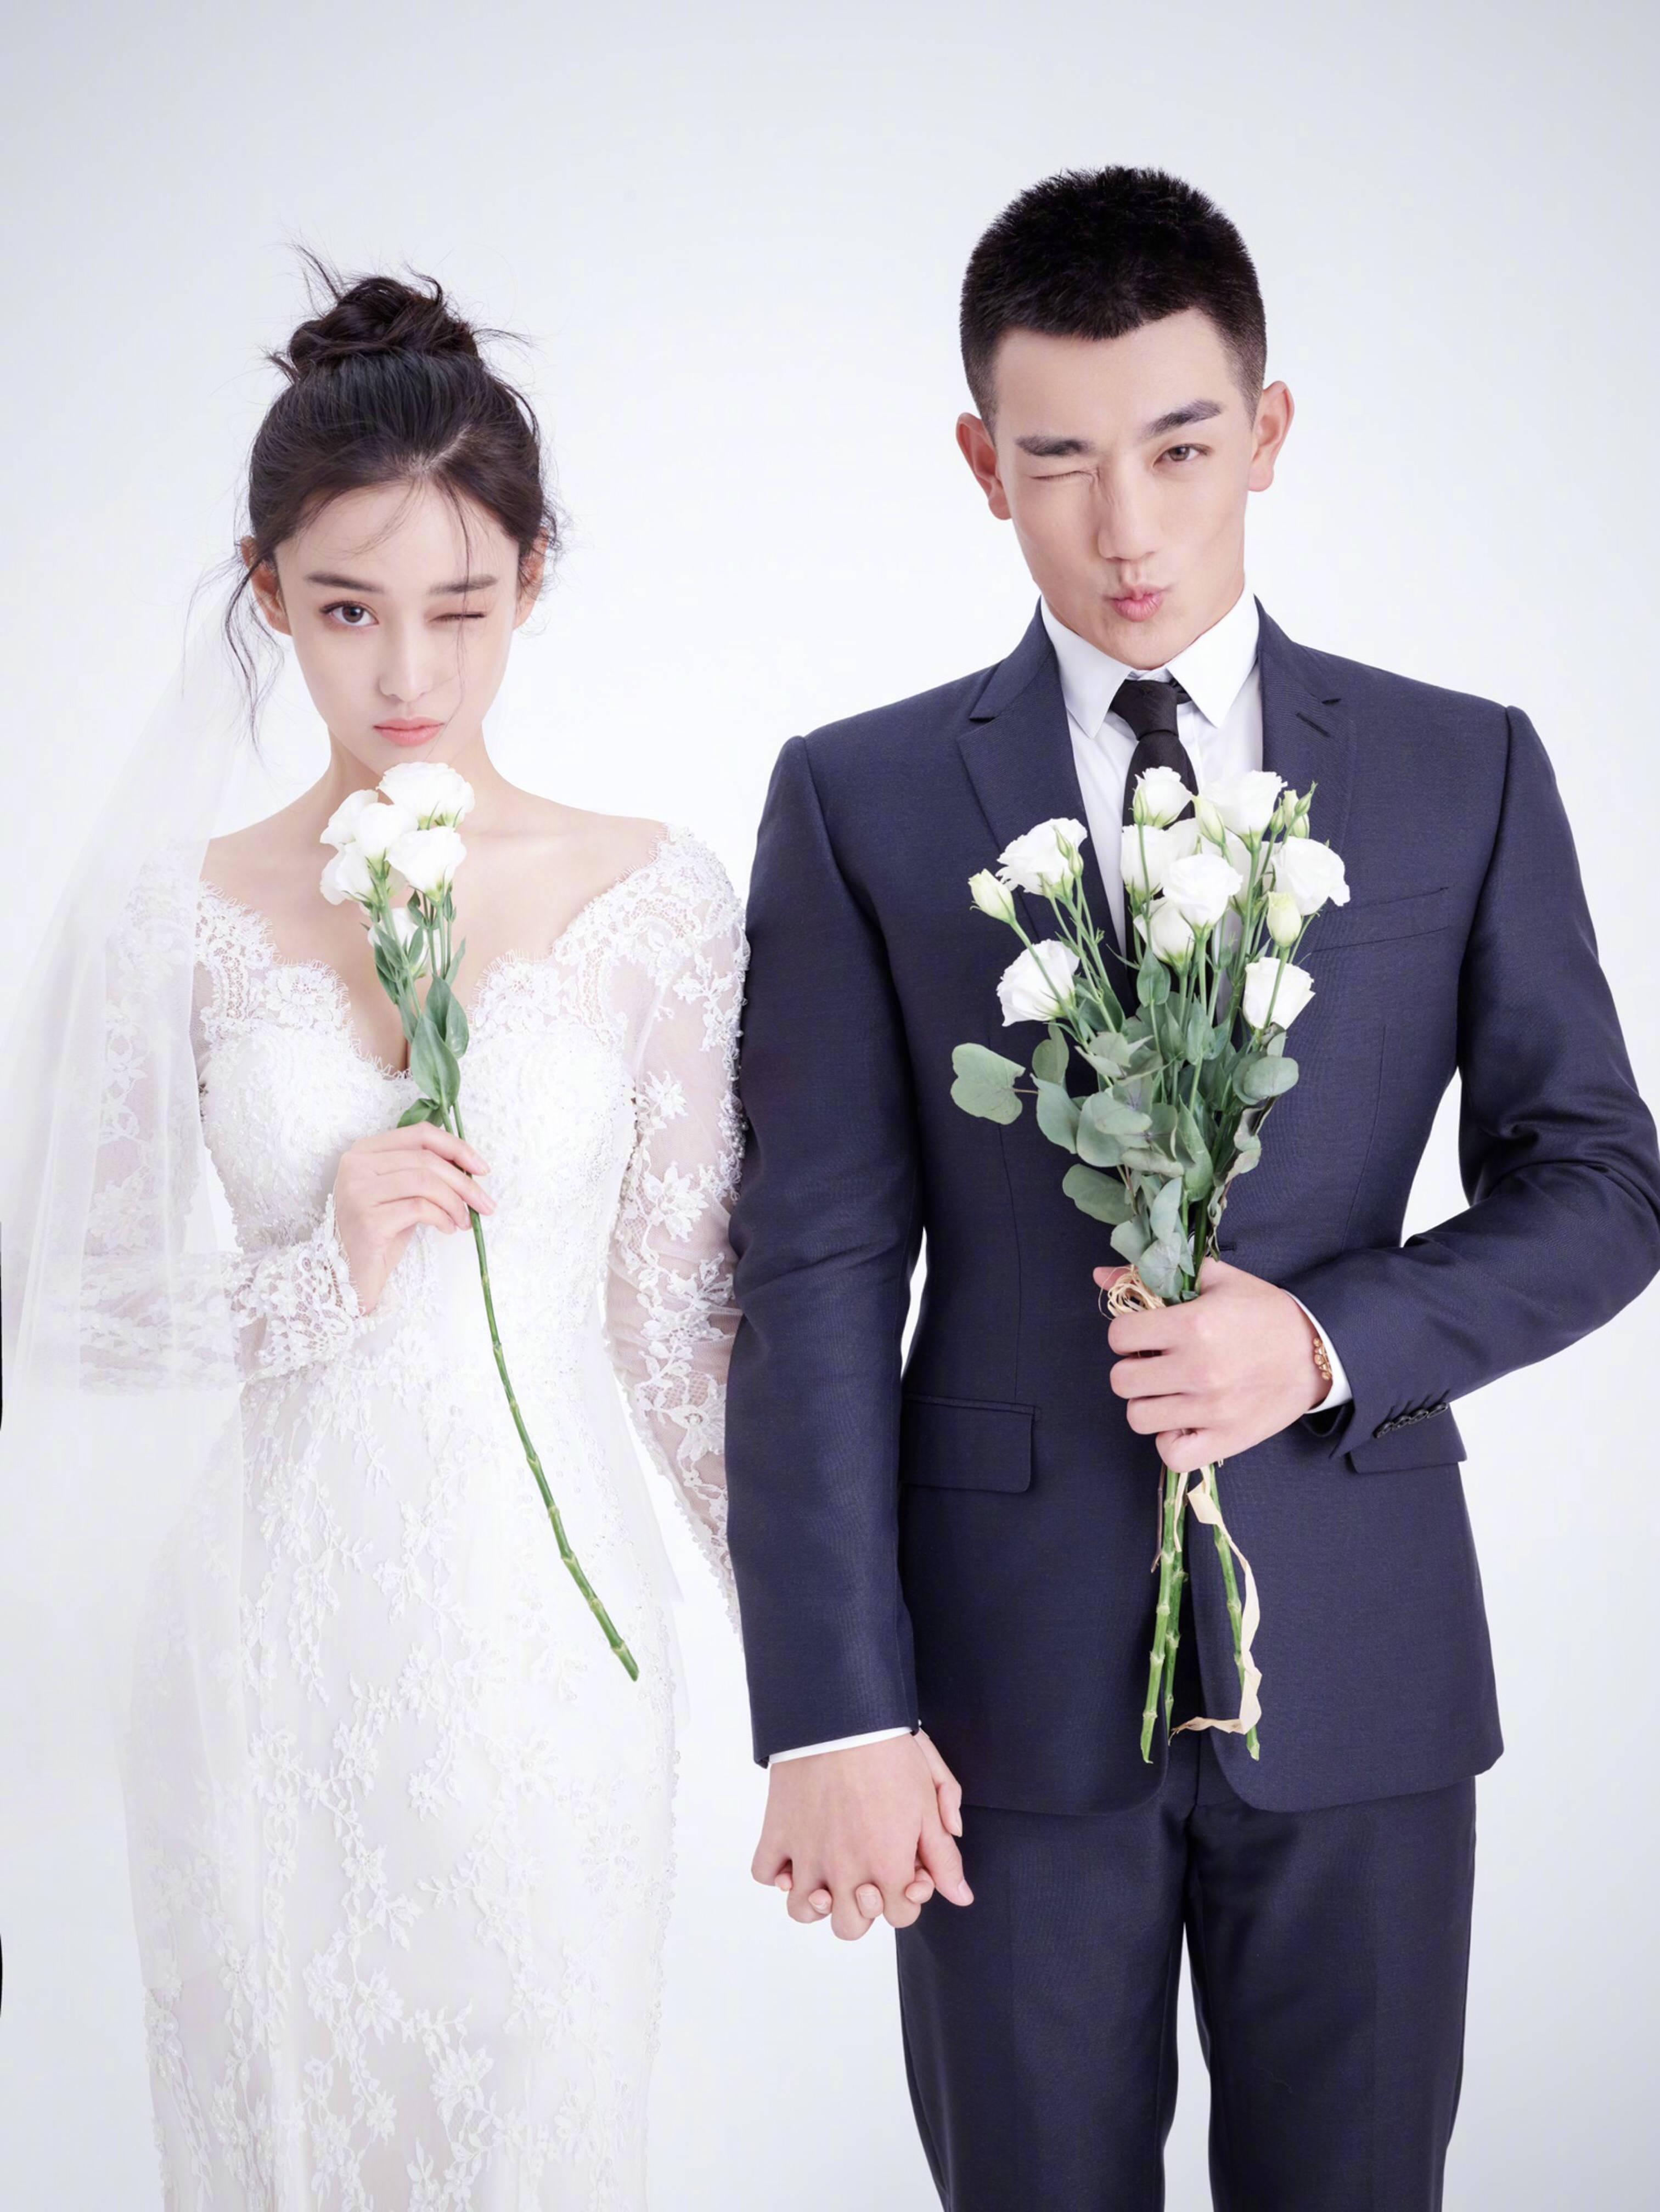 张馨予宣布结婚 张馨予老公何捷个人简介职业出演了哪些节目